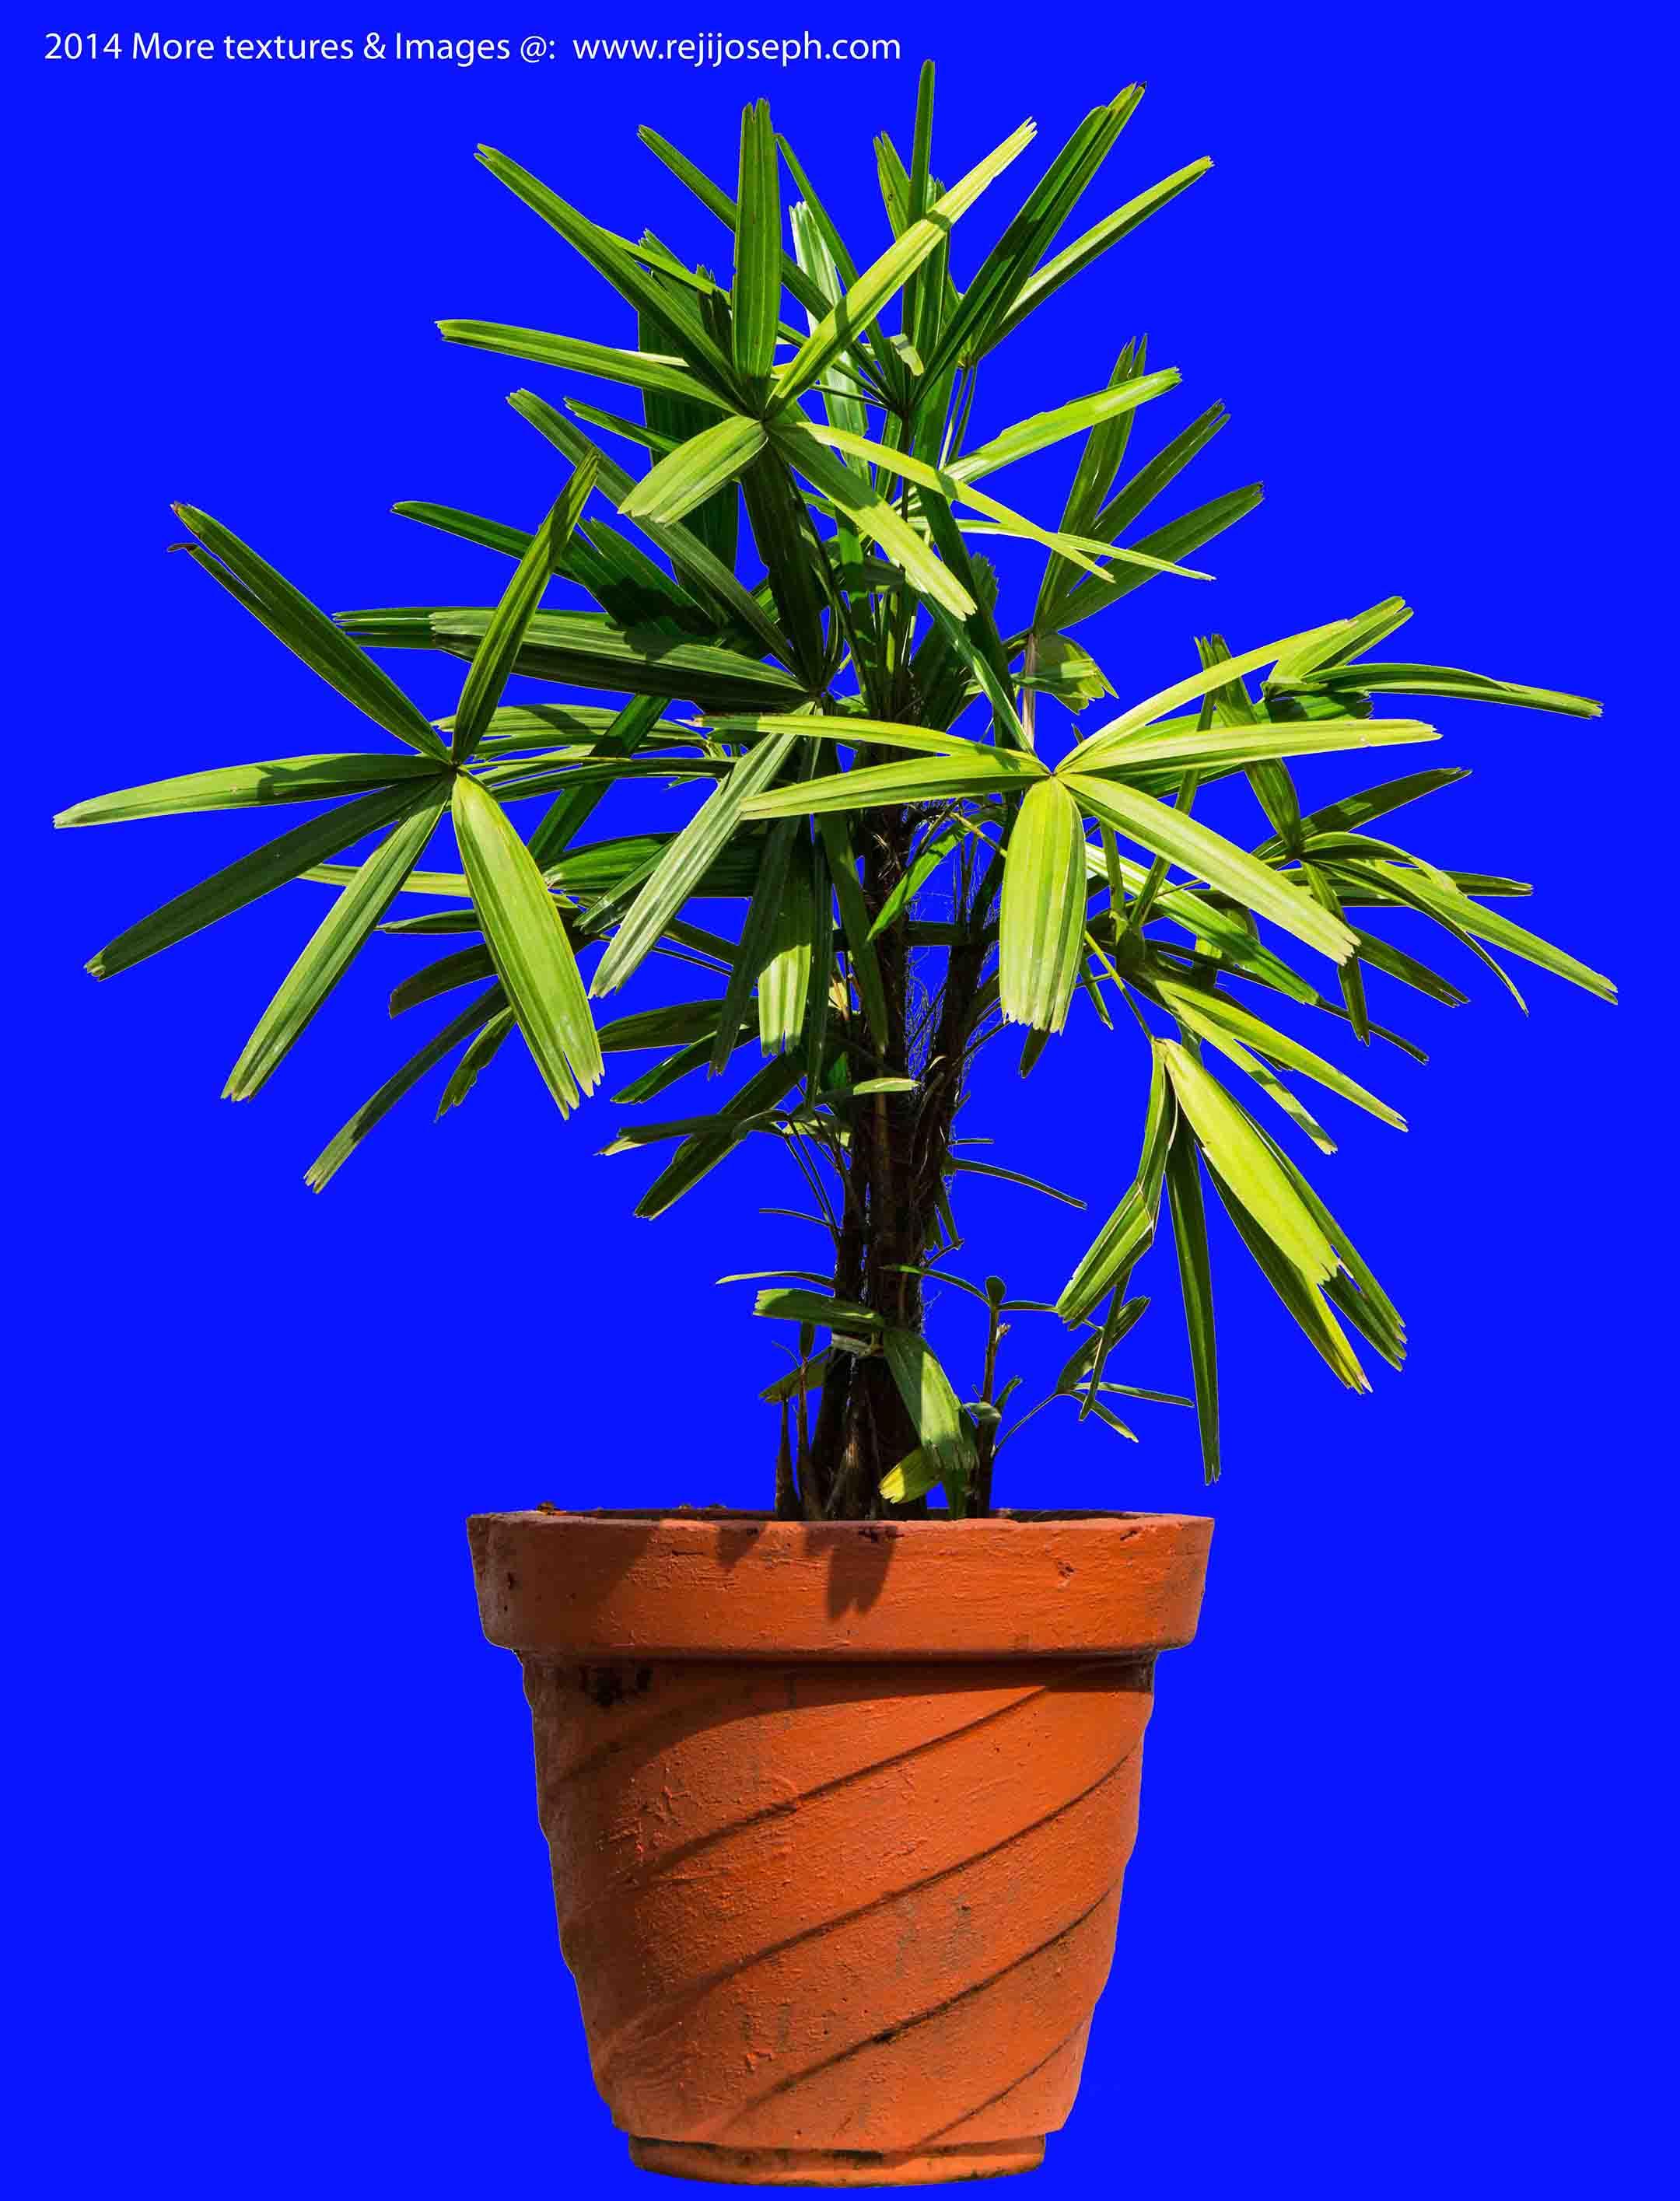 Ground Rattan Garden Plant Texture 00003